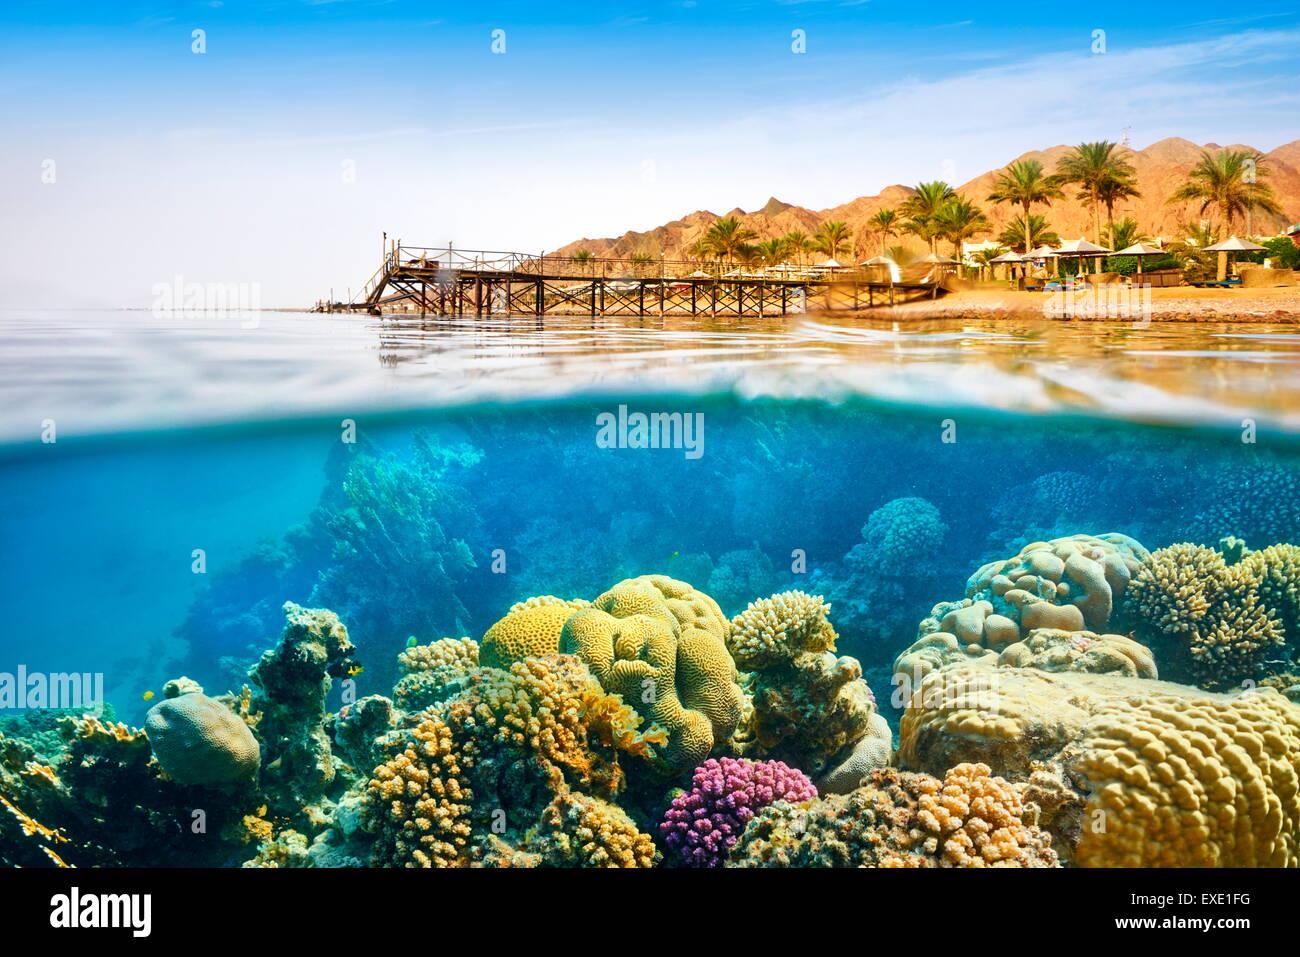 Vistas submarinas, arrecifes de coral, Dahab, Mar Rojo, Egipto Imagen De Stock